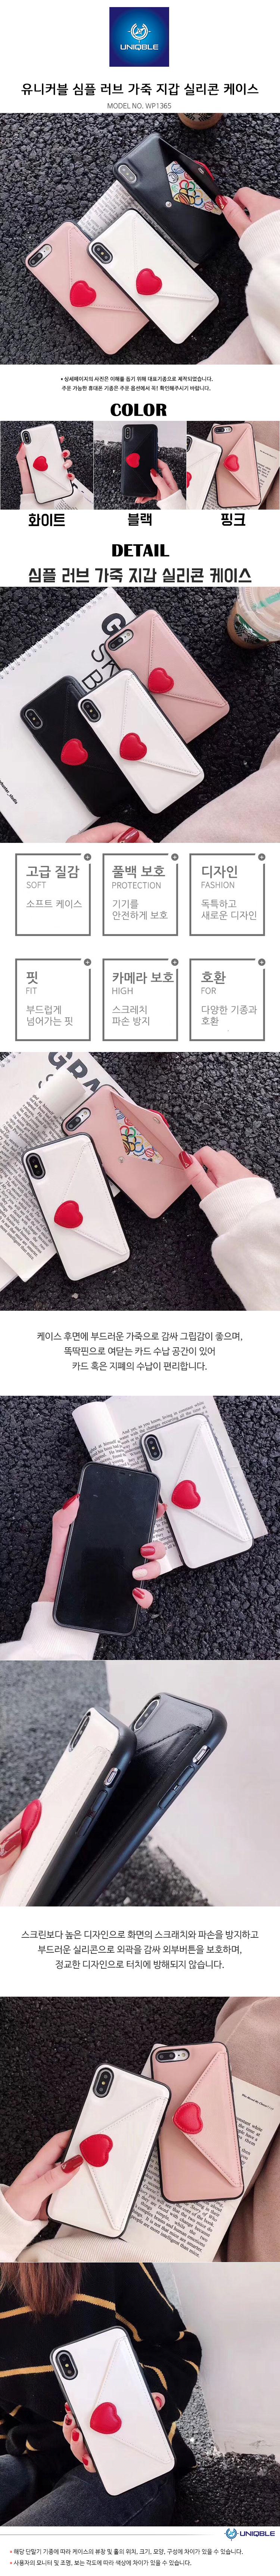 아이폰 XR XS MAX 8 7플러스 가죽 카드 수납 지갑 실리콘 소프트 범퍼 휴대폰 케이스 - 유니커블, 7,500원, 케이스, 아이폰XR